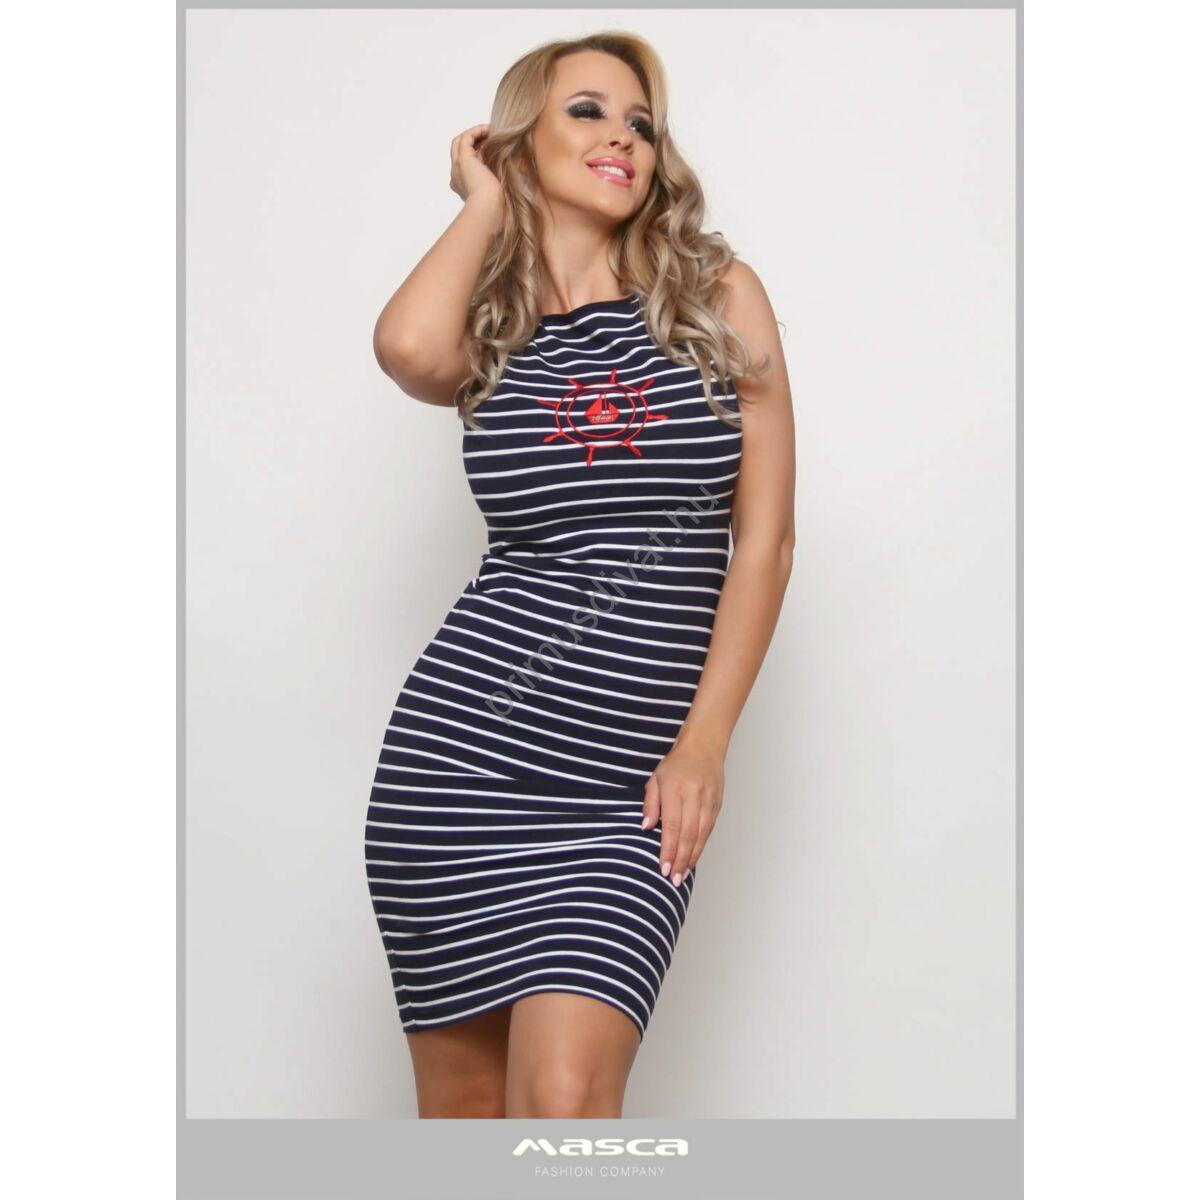 Masca Fashion kék-fehér tengerészcsíkos, csónaknyakú ujjatlan szűk miniruha, mellén piros vitorlásmintával